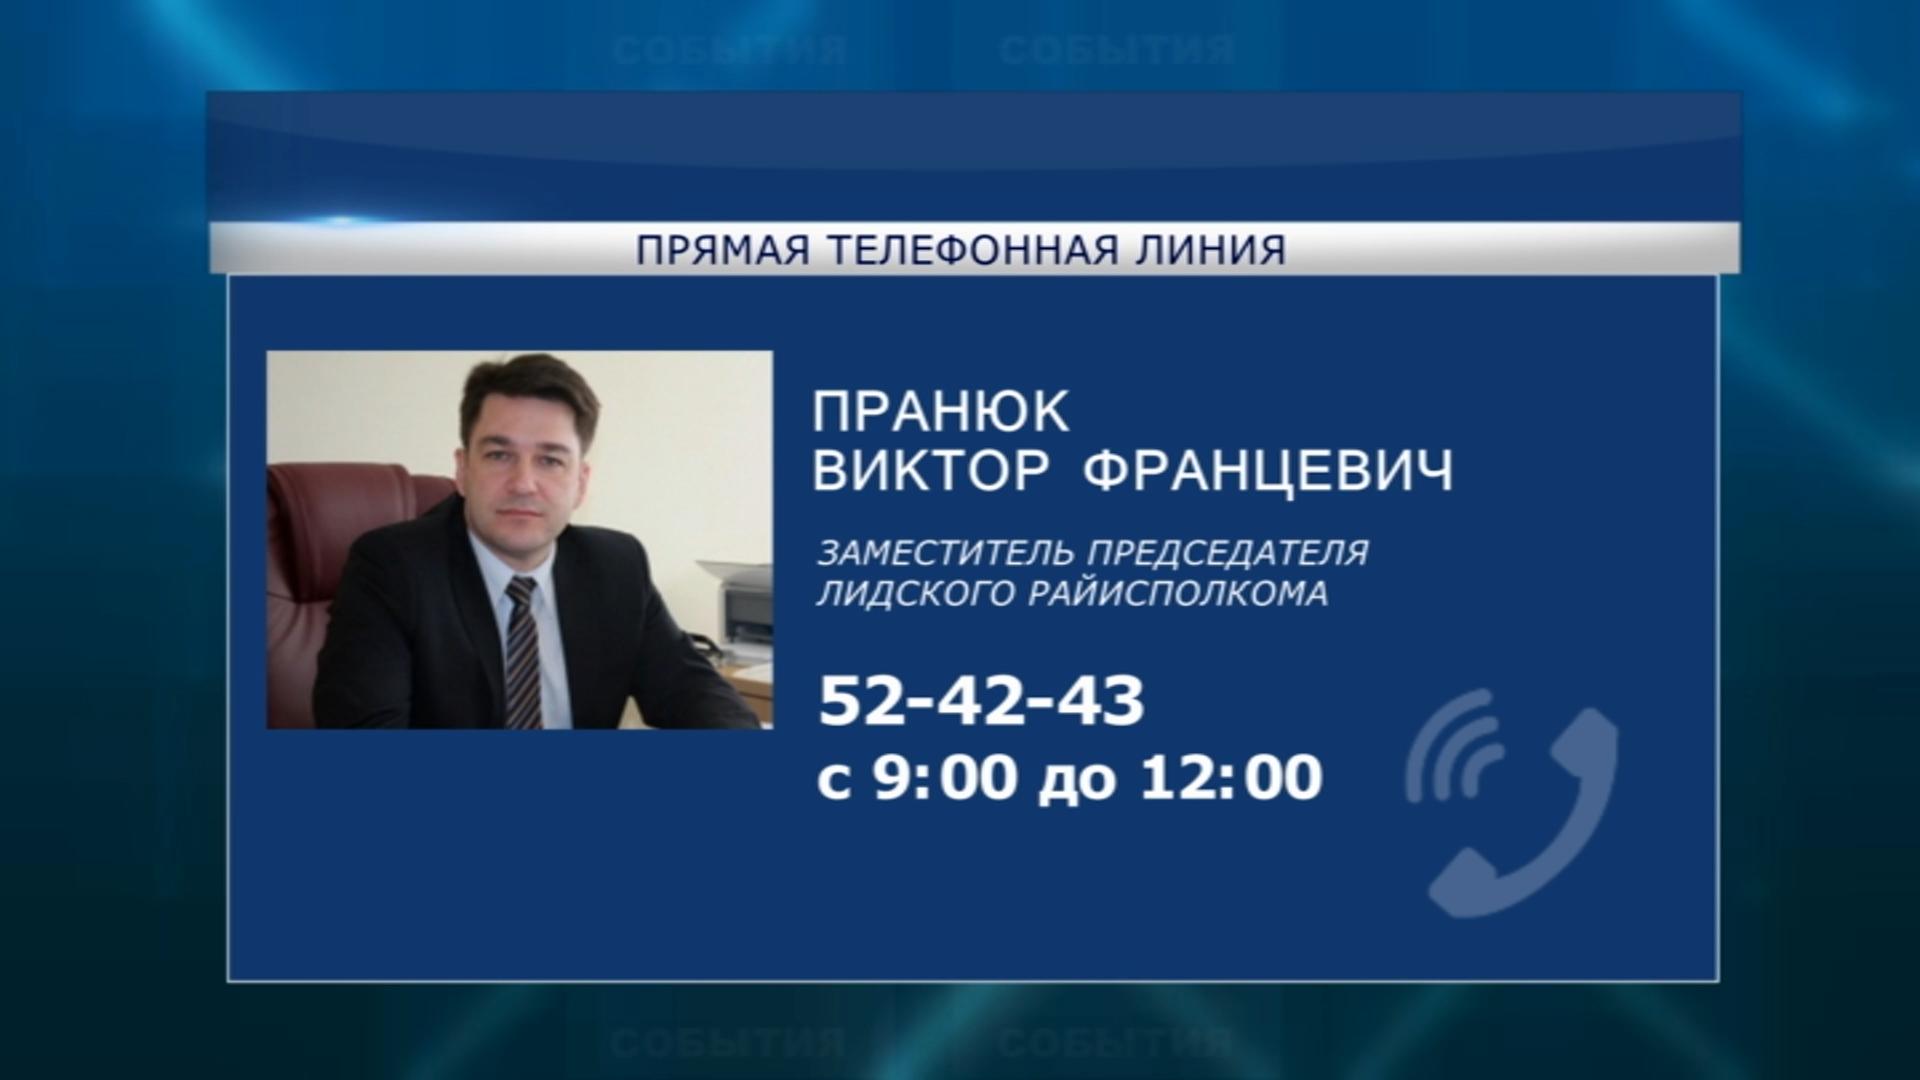 Очередная «прямая телефонная линия» пройдет в предстоящую субботу, 30 ноября, в Лидском райисполкоме.